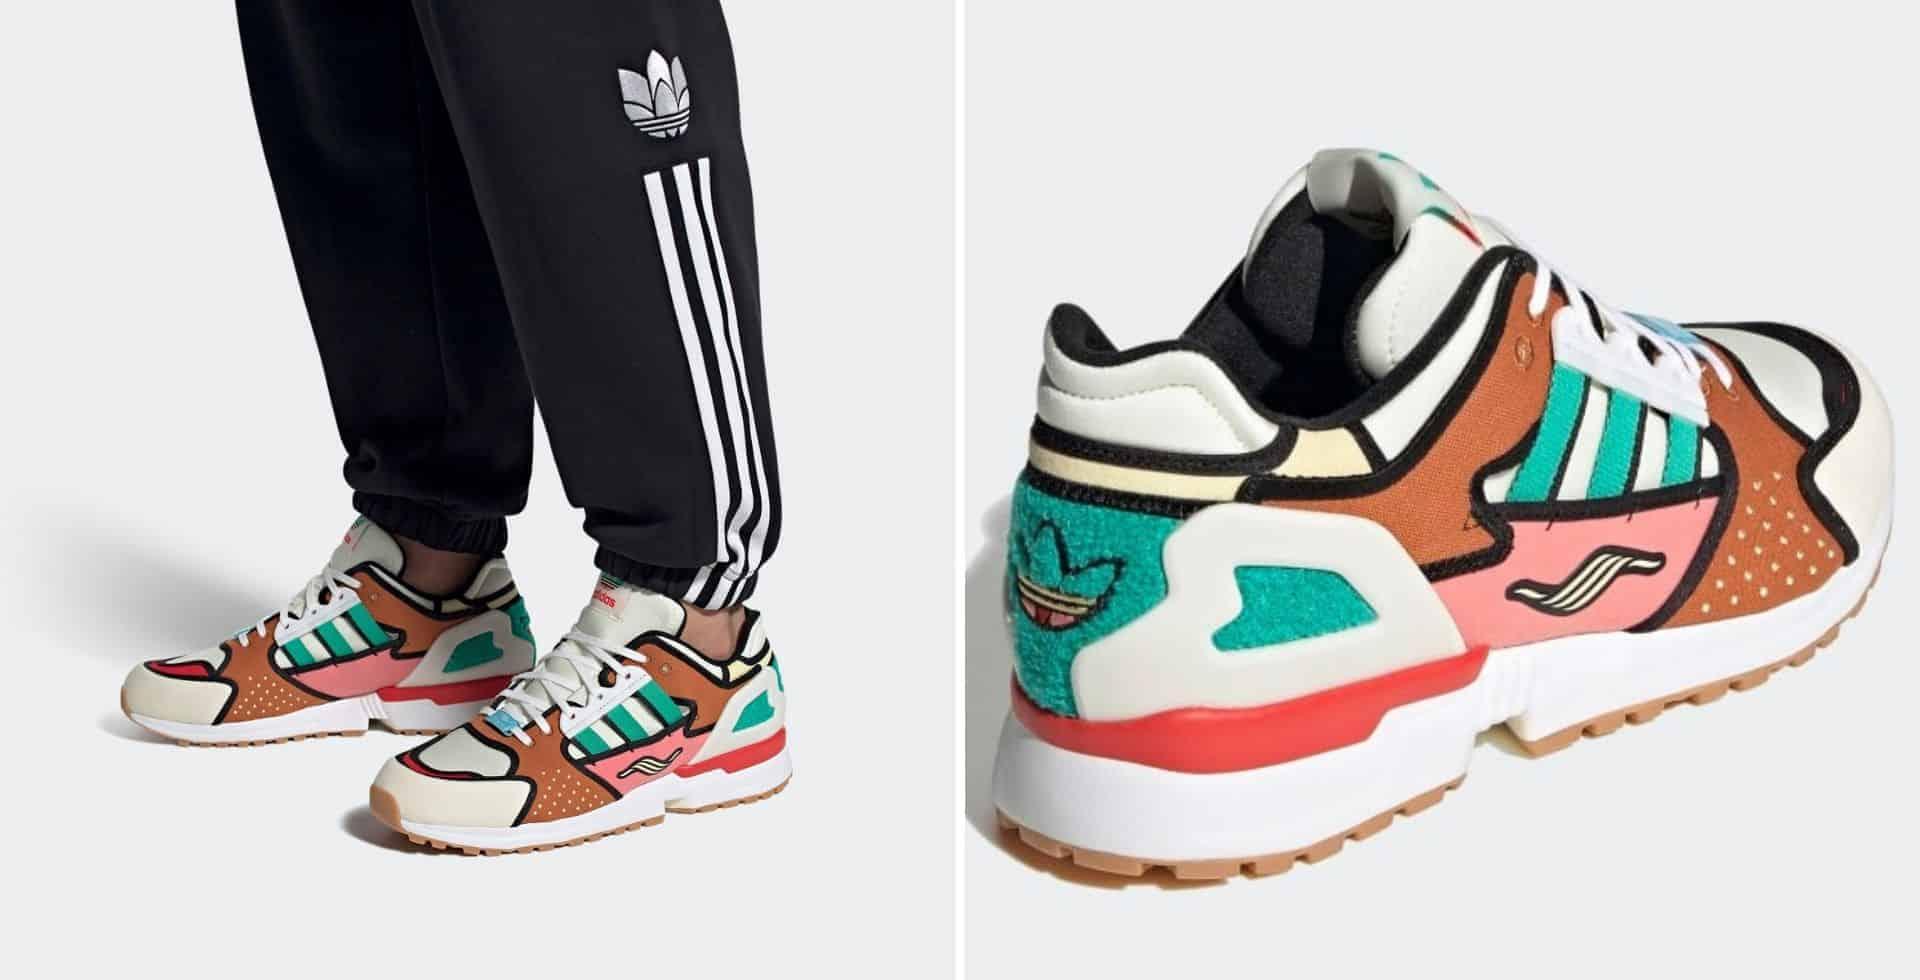 Las nuevas zapatillas de Adidas, inspiradas en Los Simpson, estarán disponibles en todo el mundo a partir de Febrero